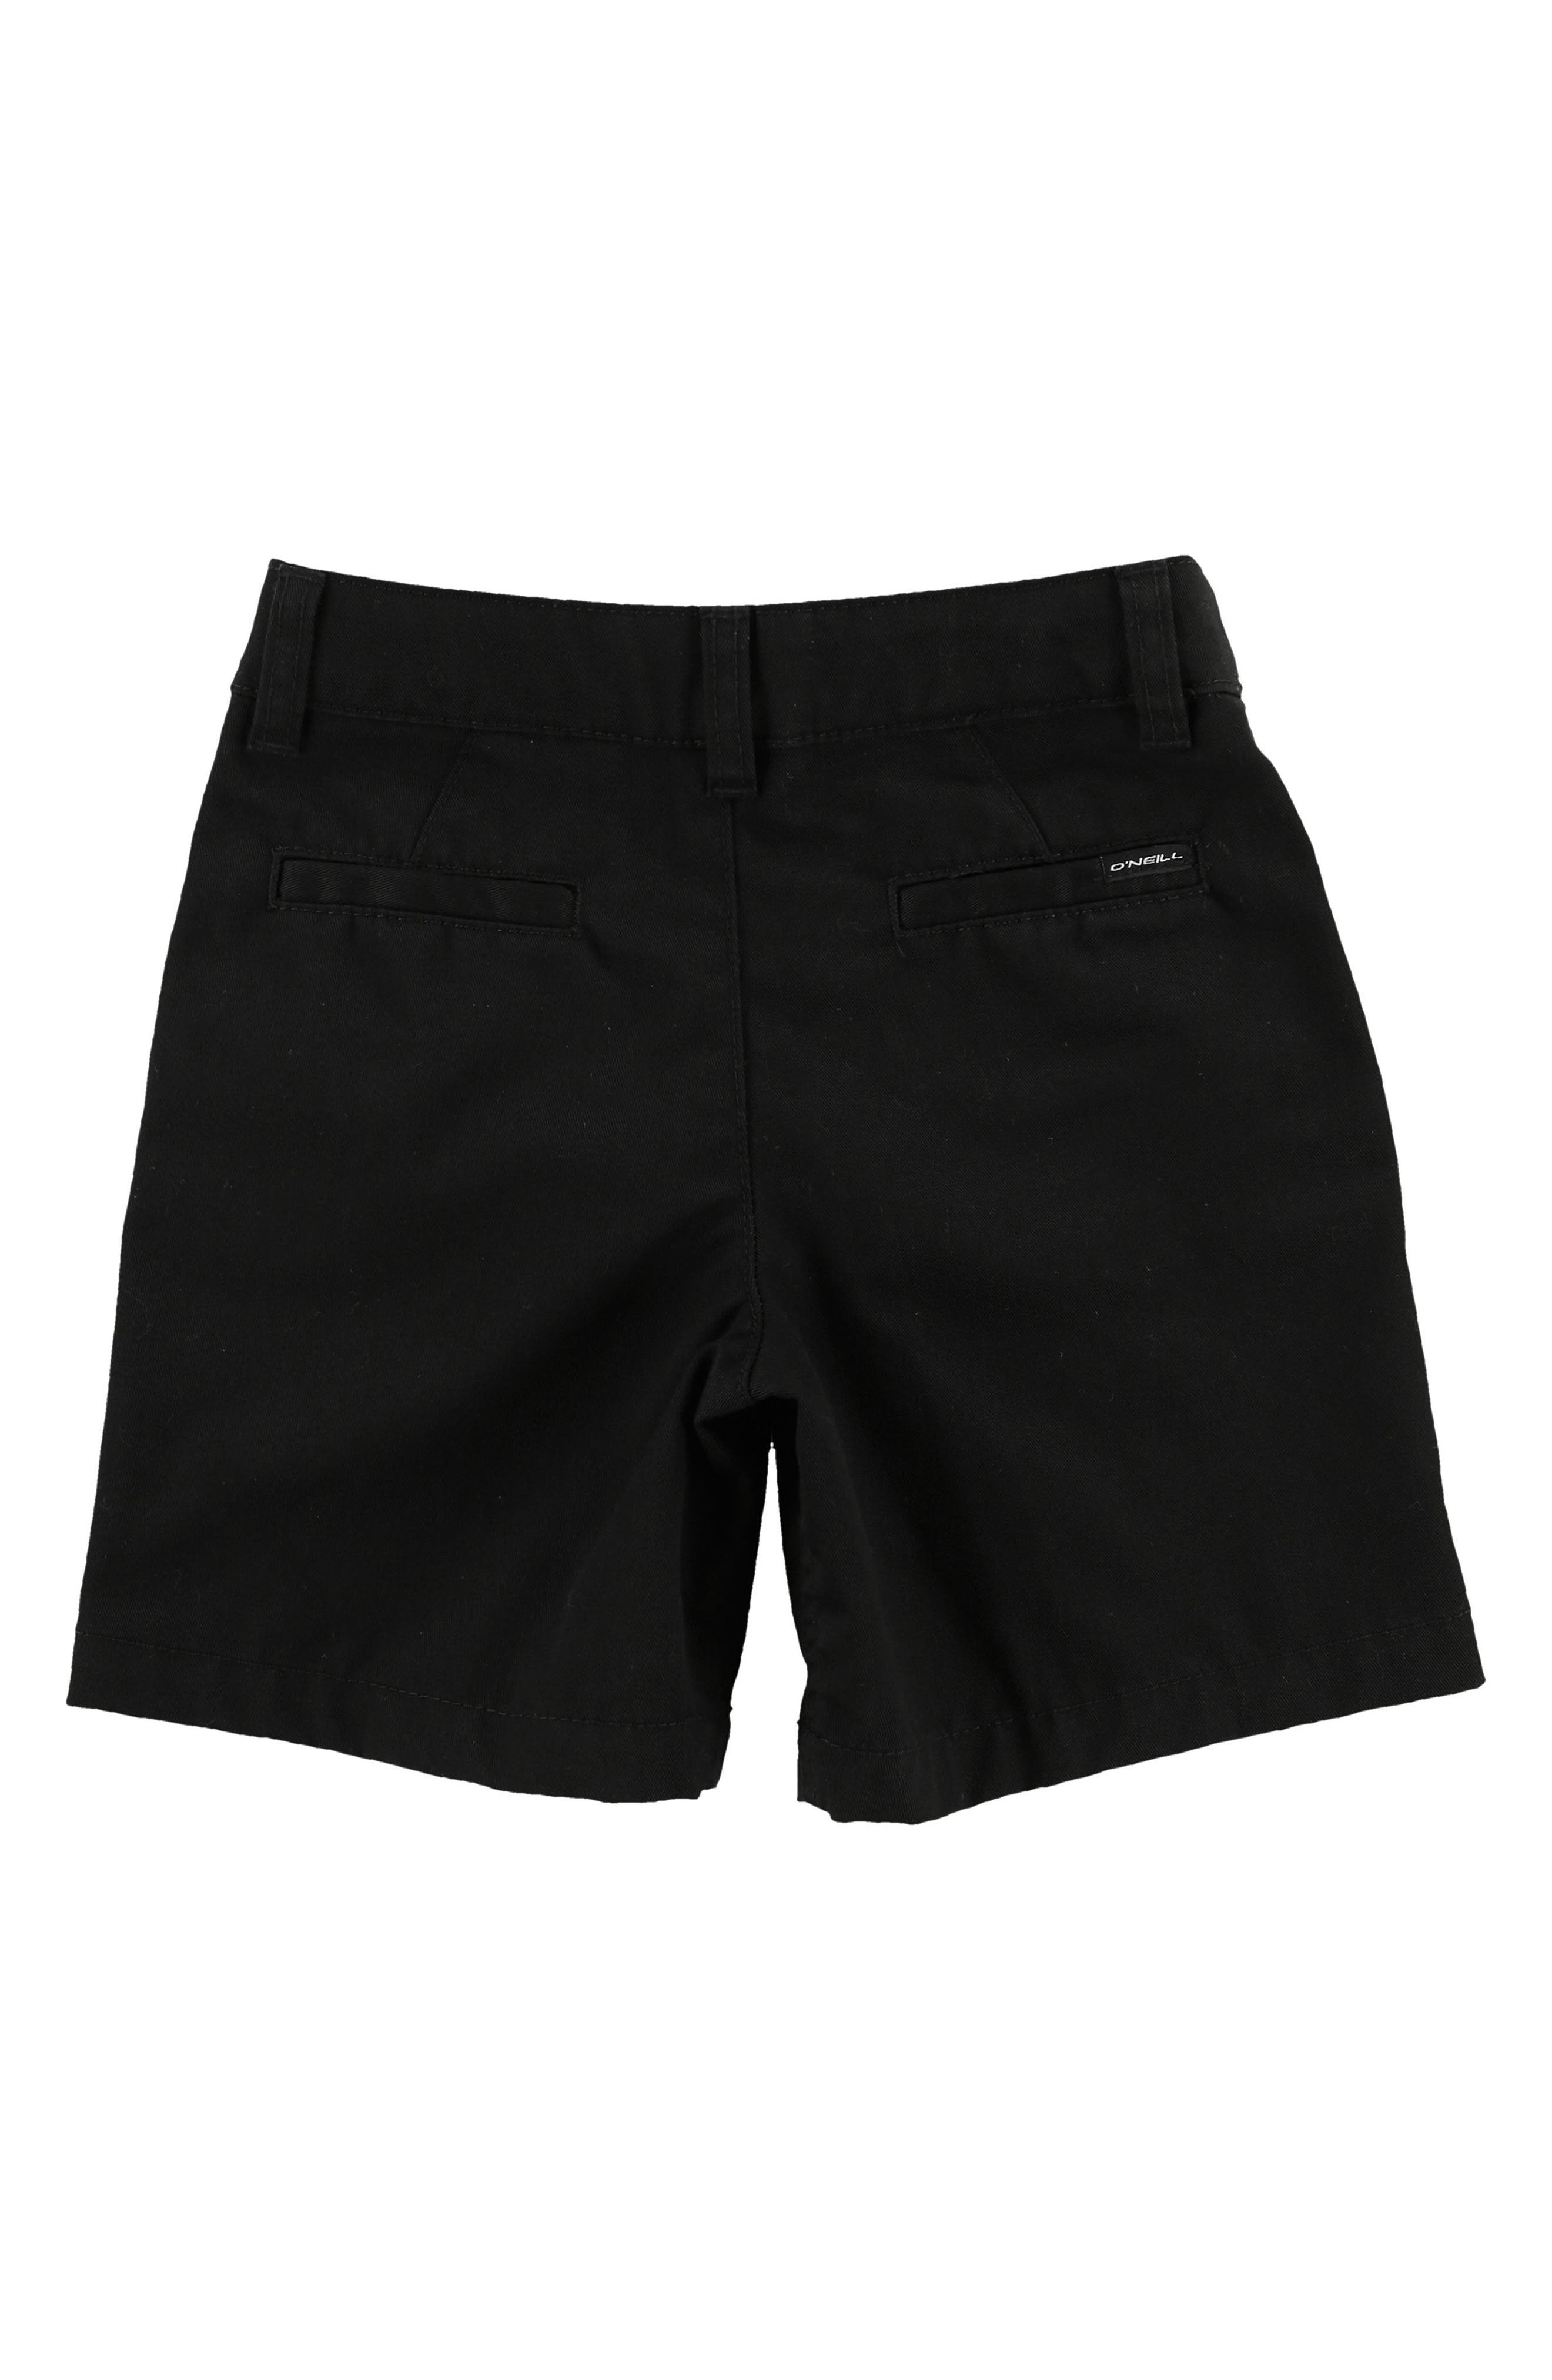 Contact Twill Walking Shorts,                         Main,                         color, 001